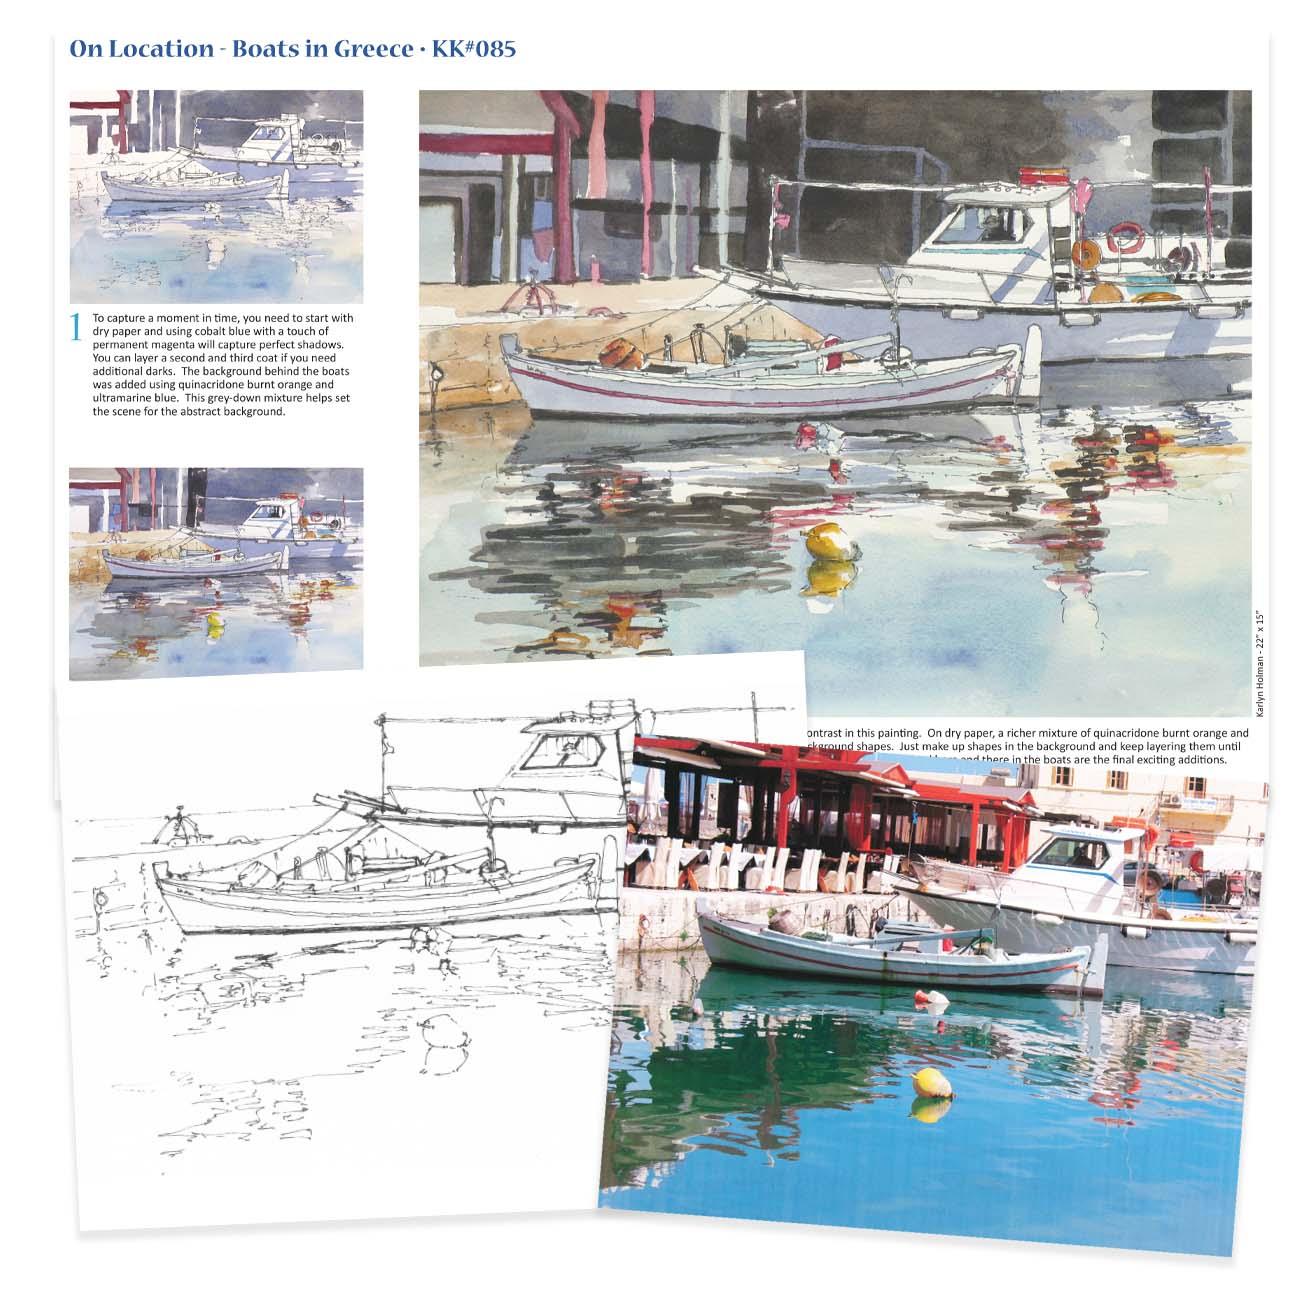 KK085 - Boats in Greece, On Location